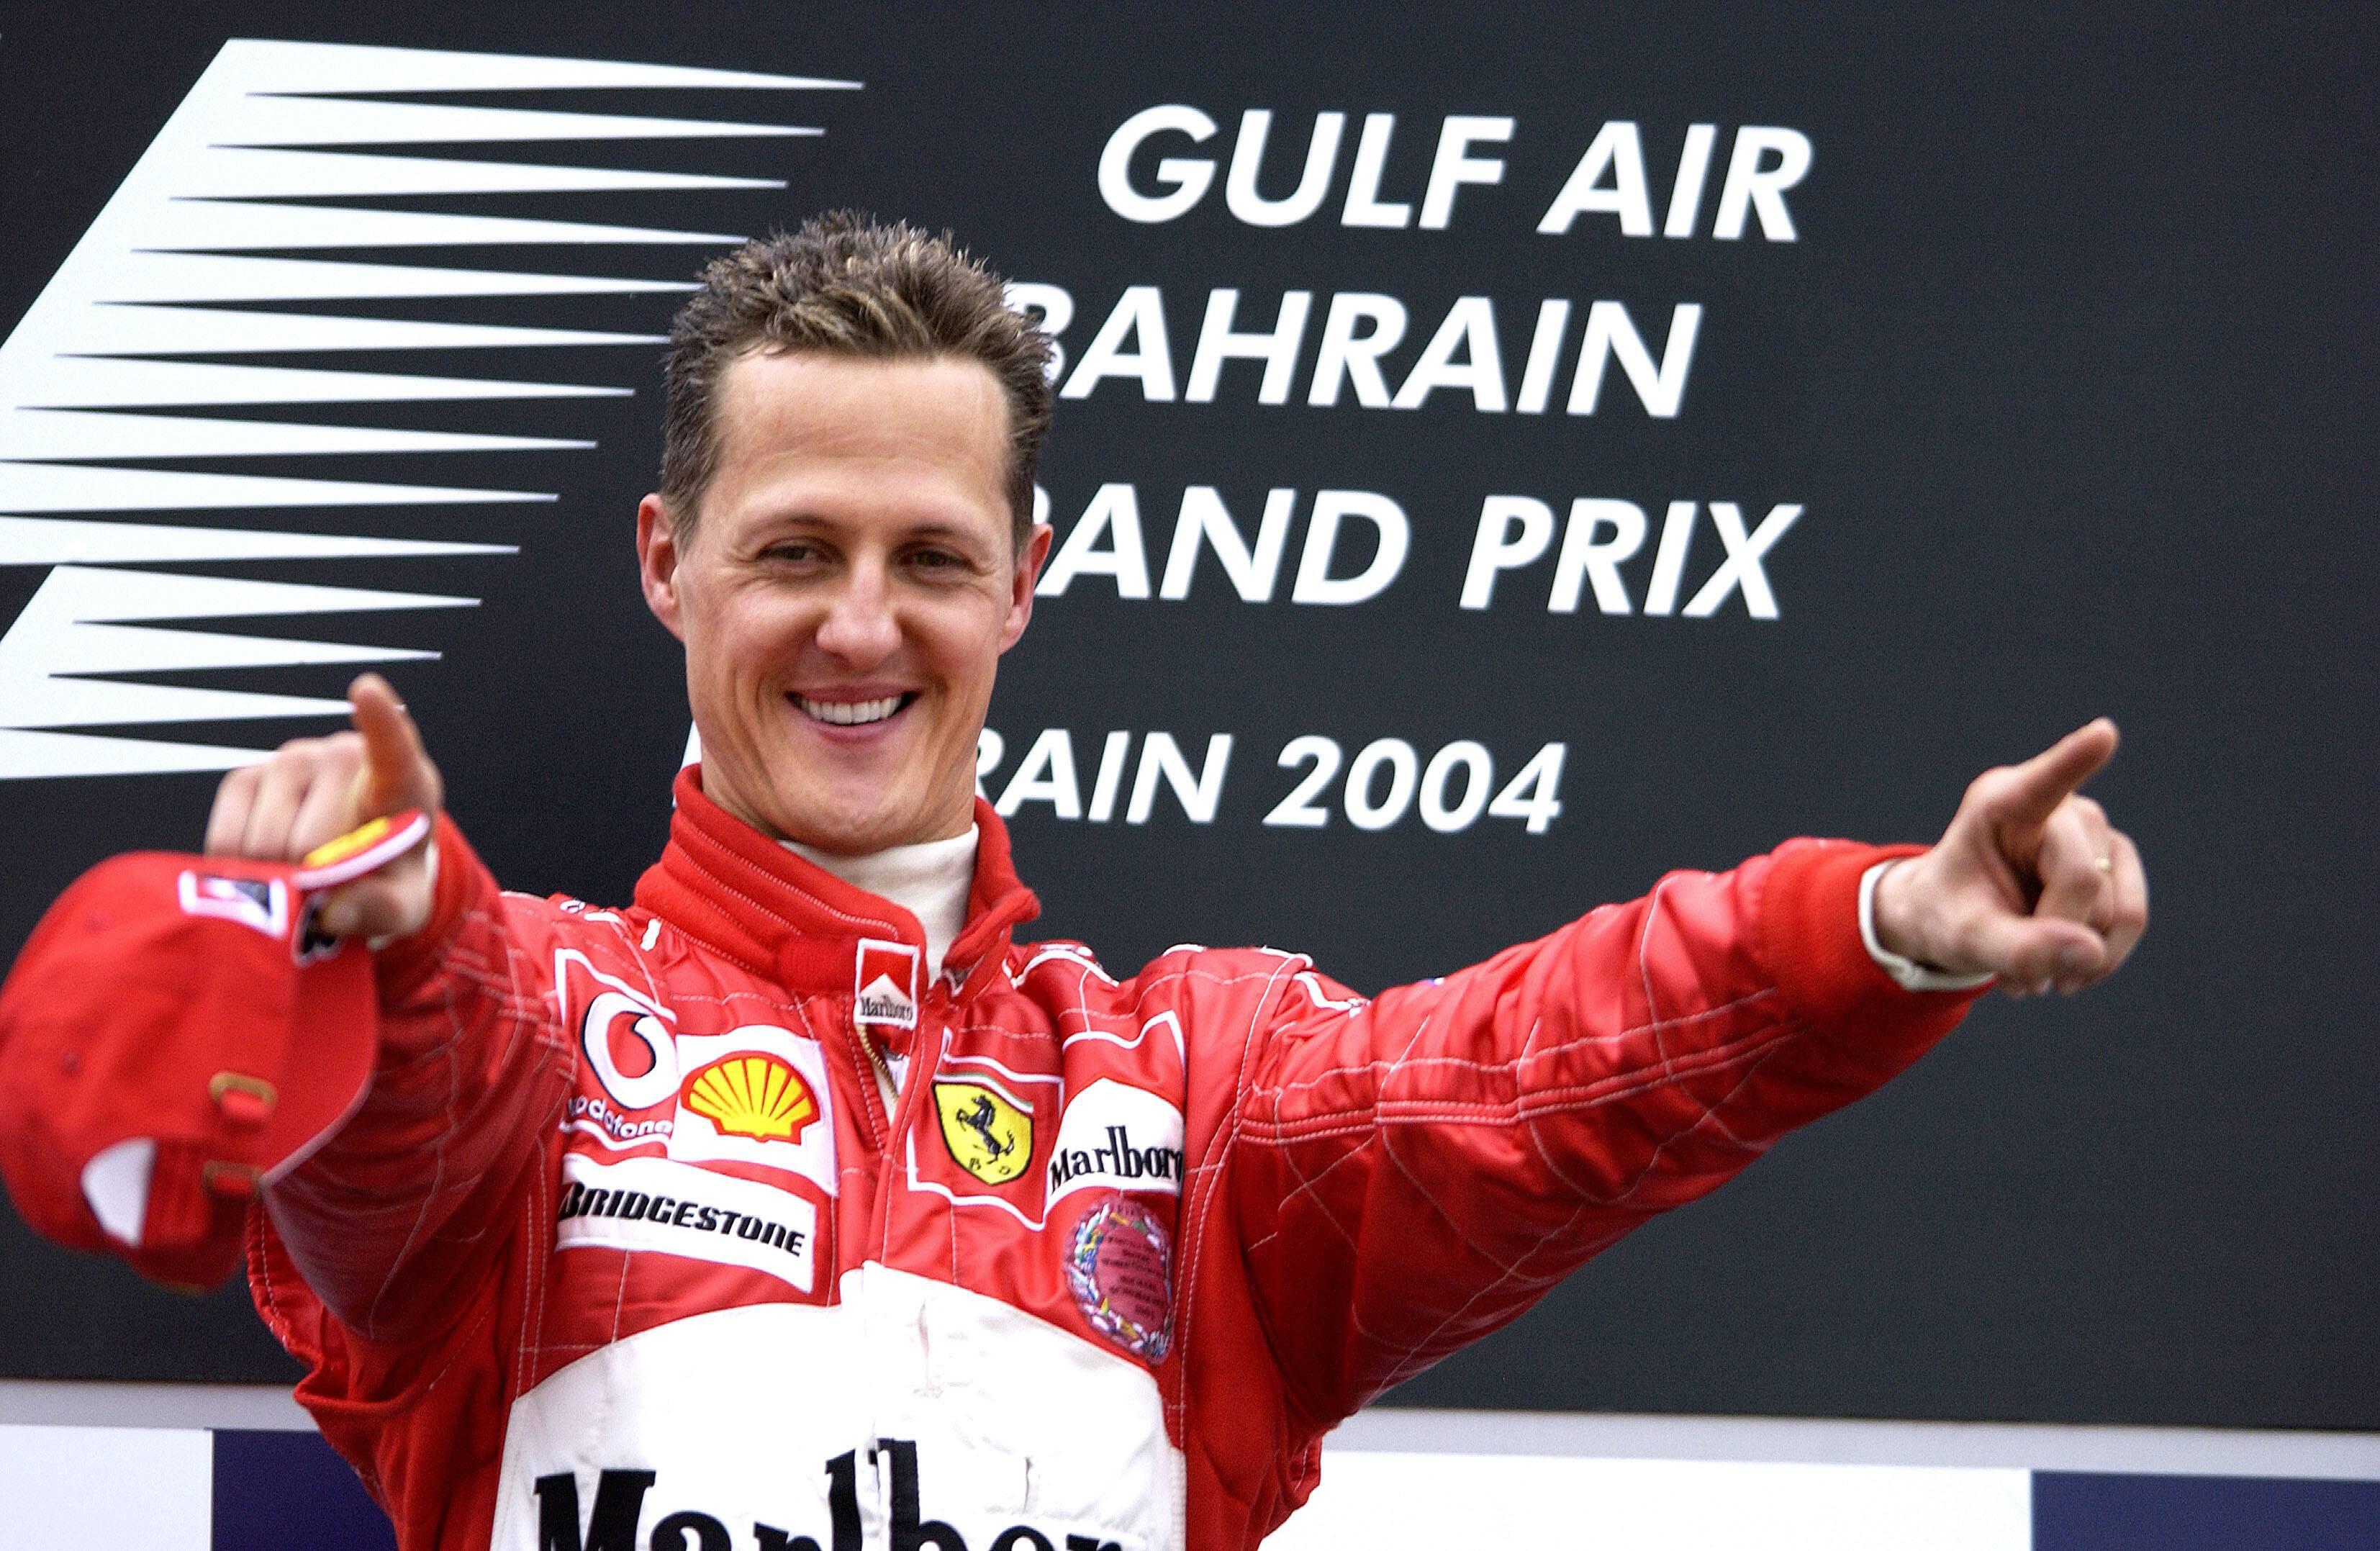 Bild zu Michael Schumacher, Forbes, Gehalt, Geld, Rekord